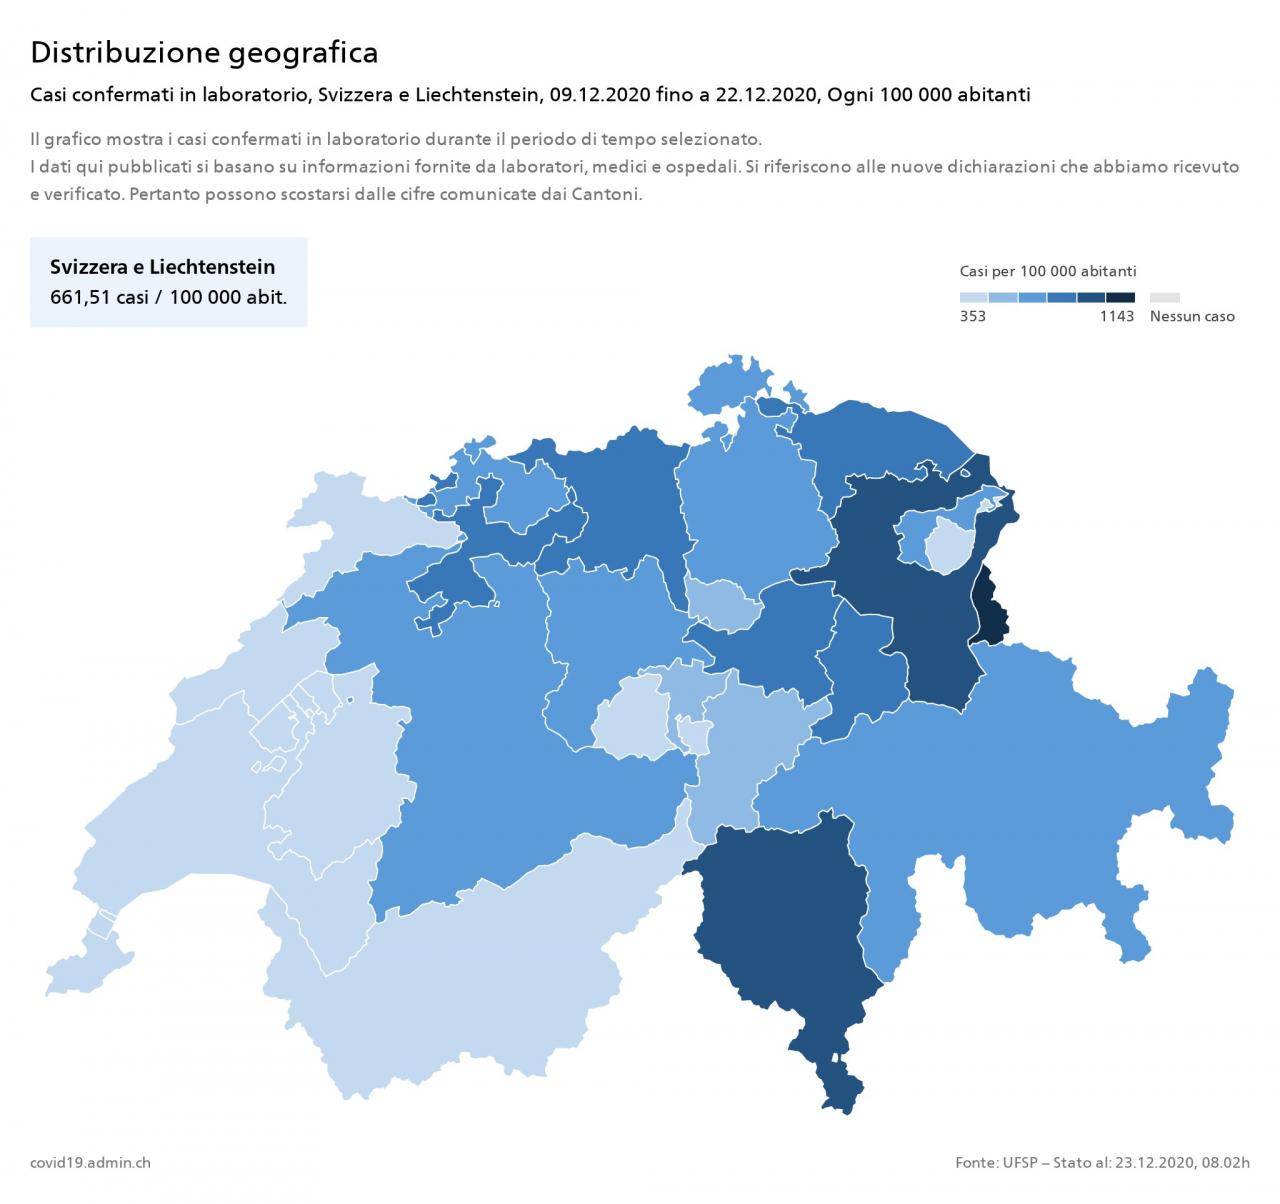 Cartina Geografica Canton Ticino Svizzera.Altri 4 898 Casi 193 Ricoveri E 103 Decessi In Svizzera Ticinonline